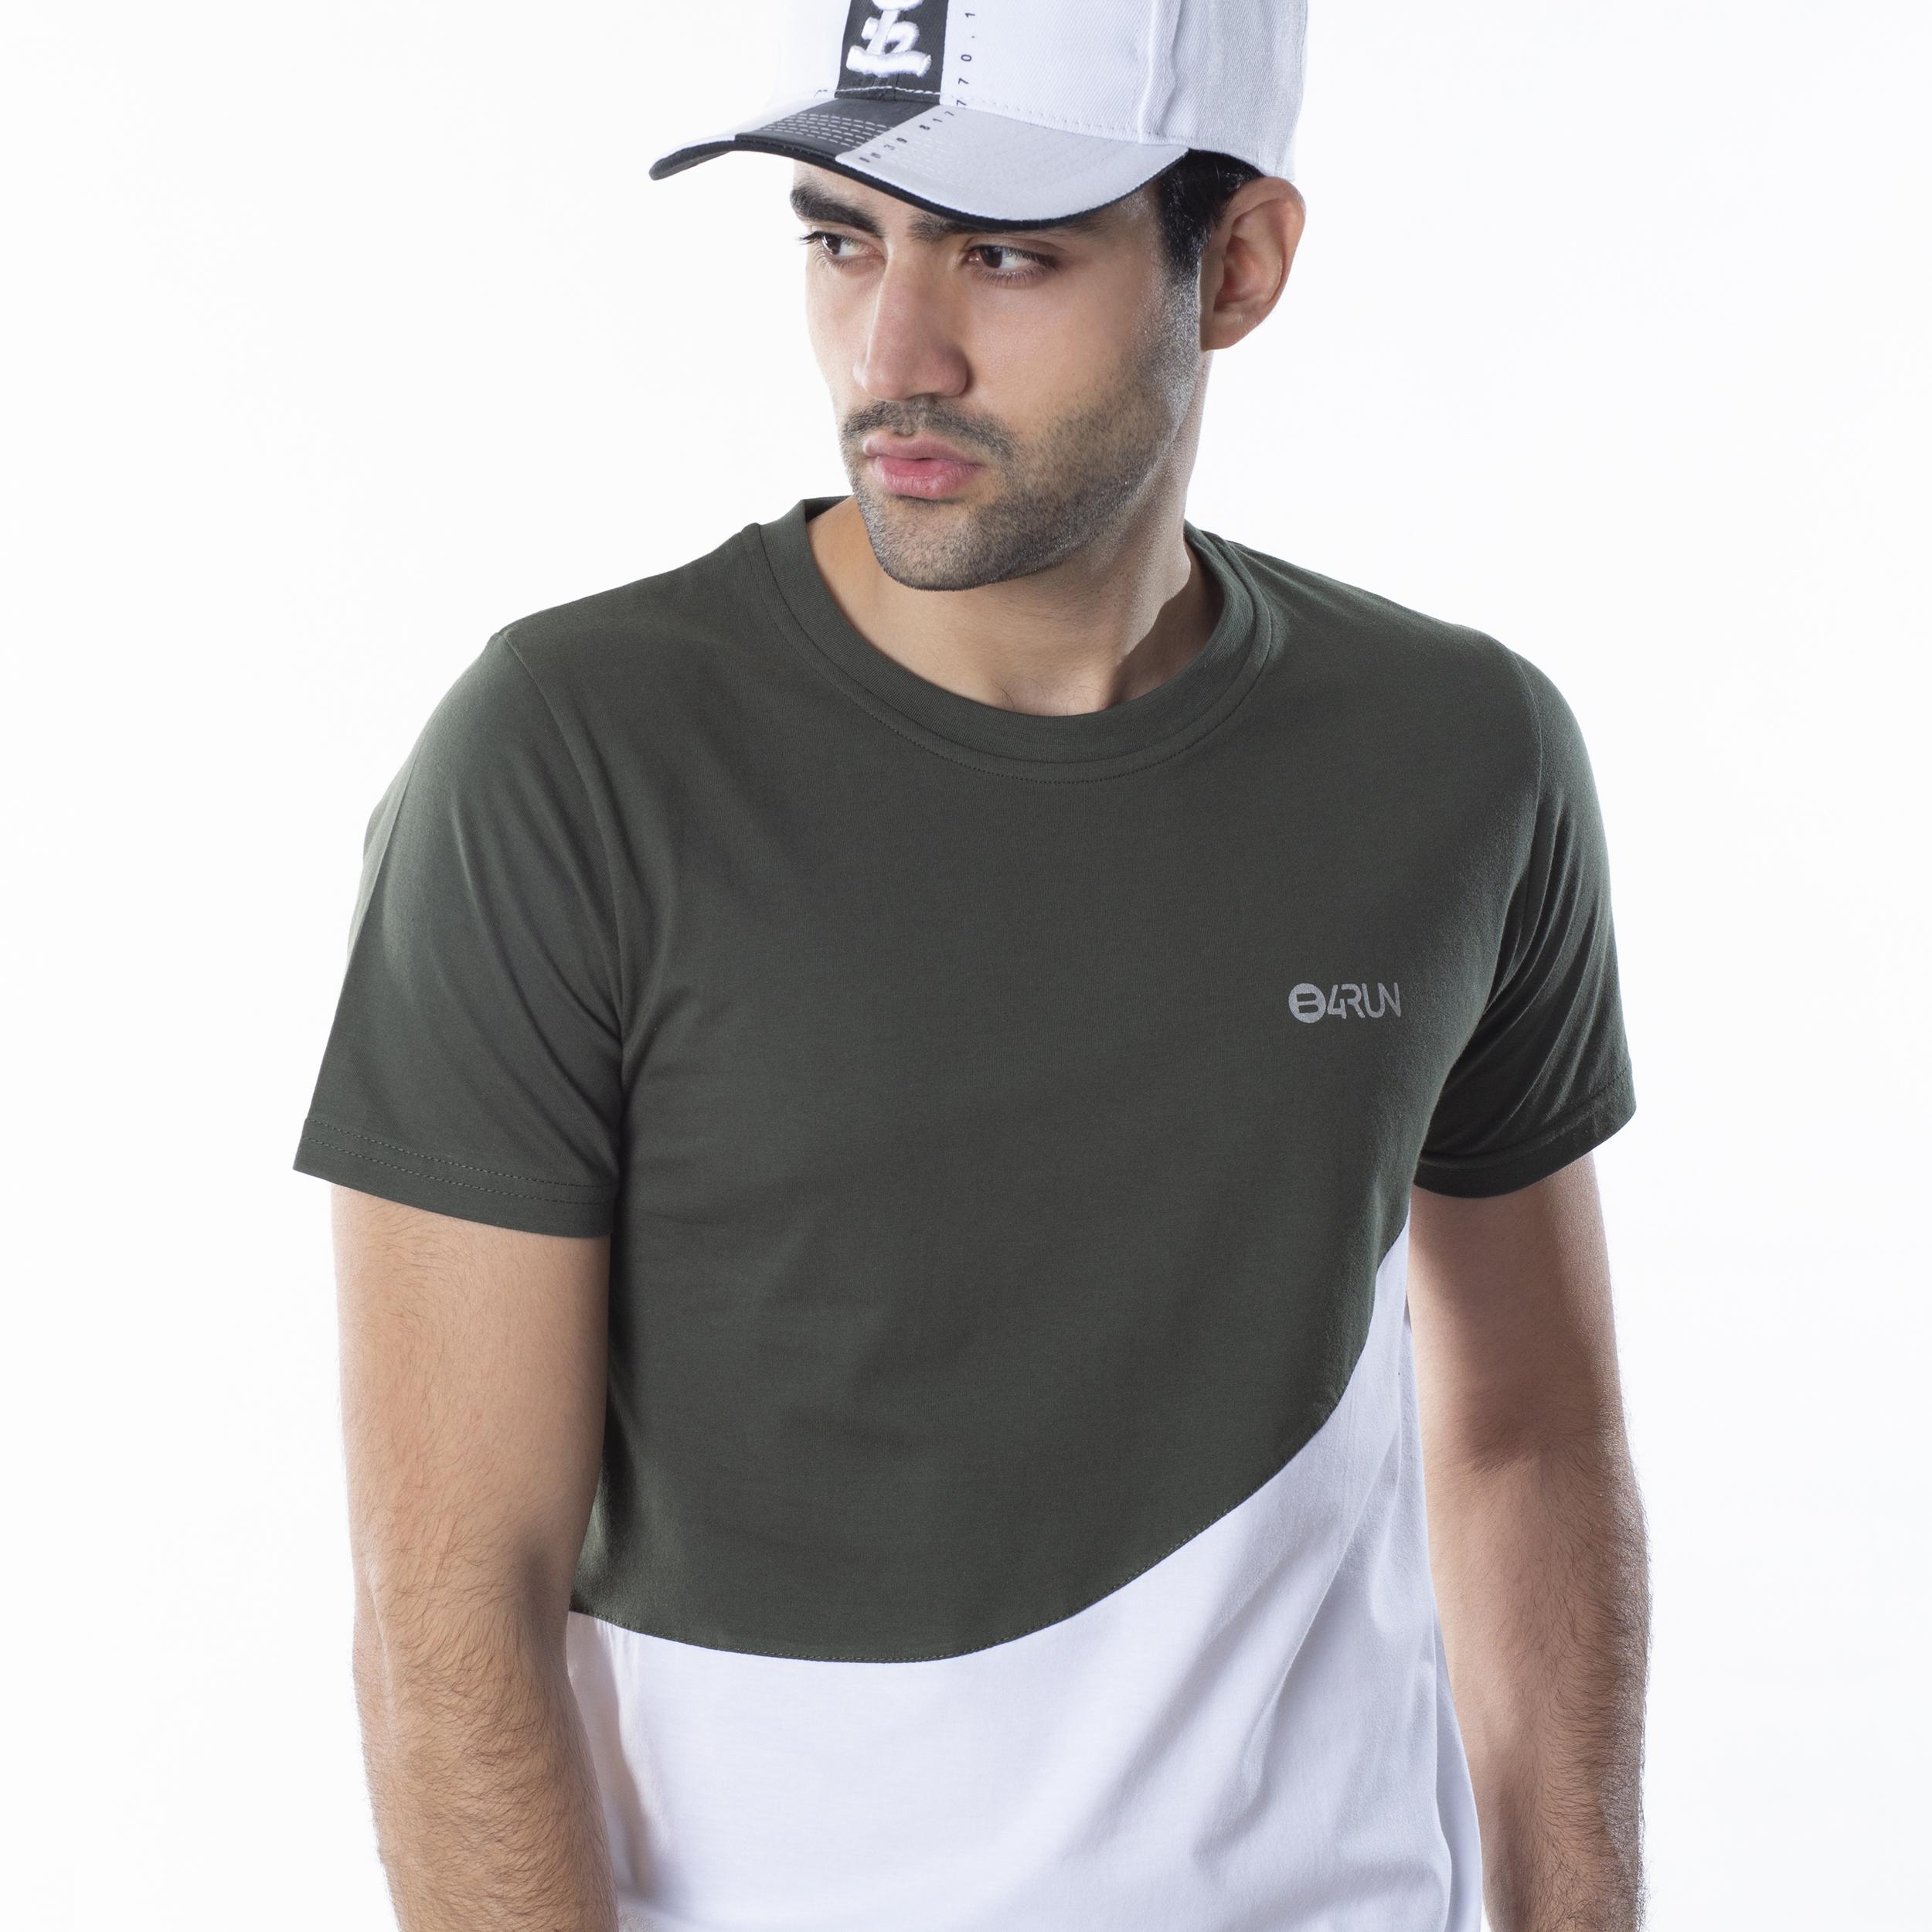 تی شرت ورزشی مردانه بی فور ران مدل 210314-4301 -  - 1